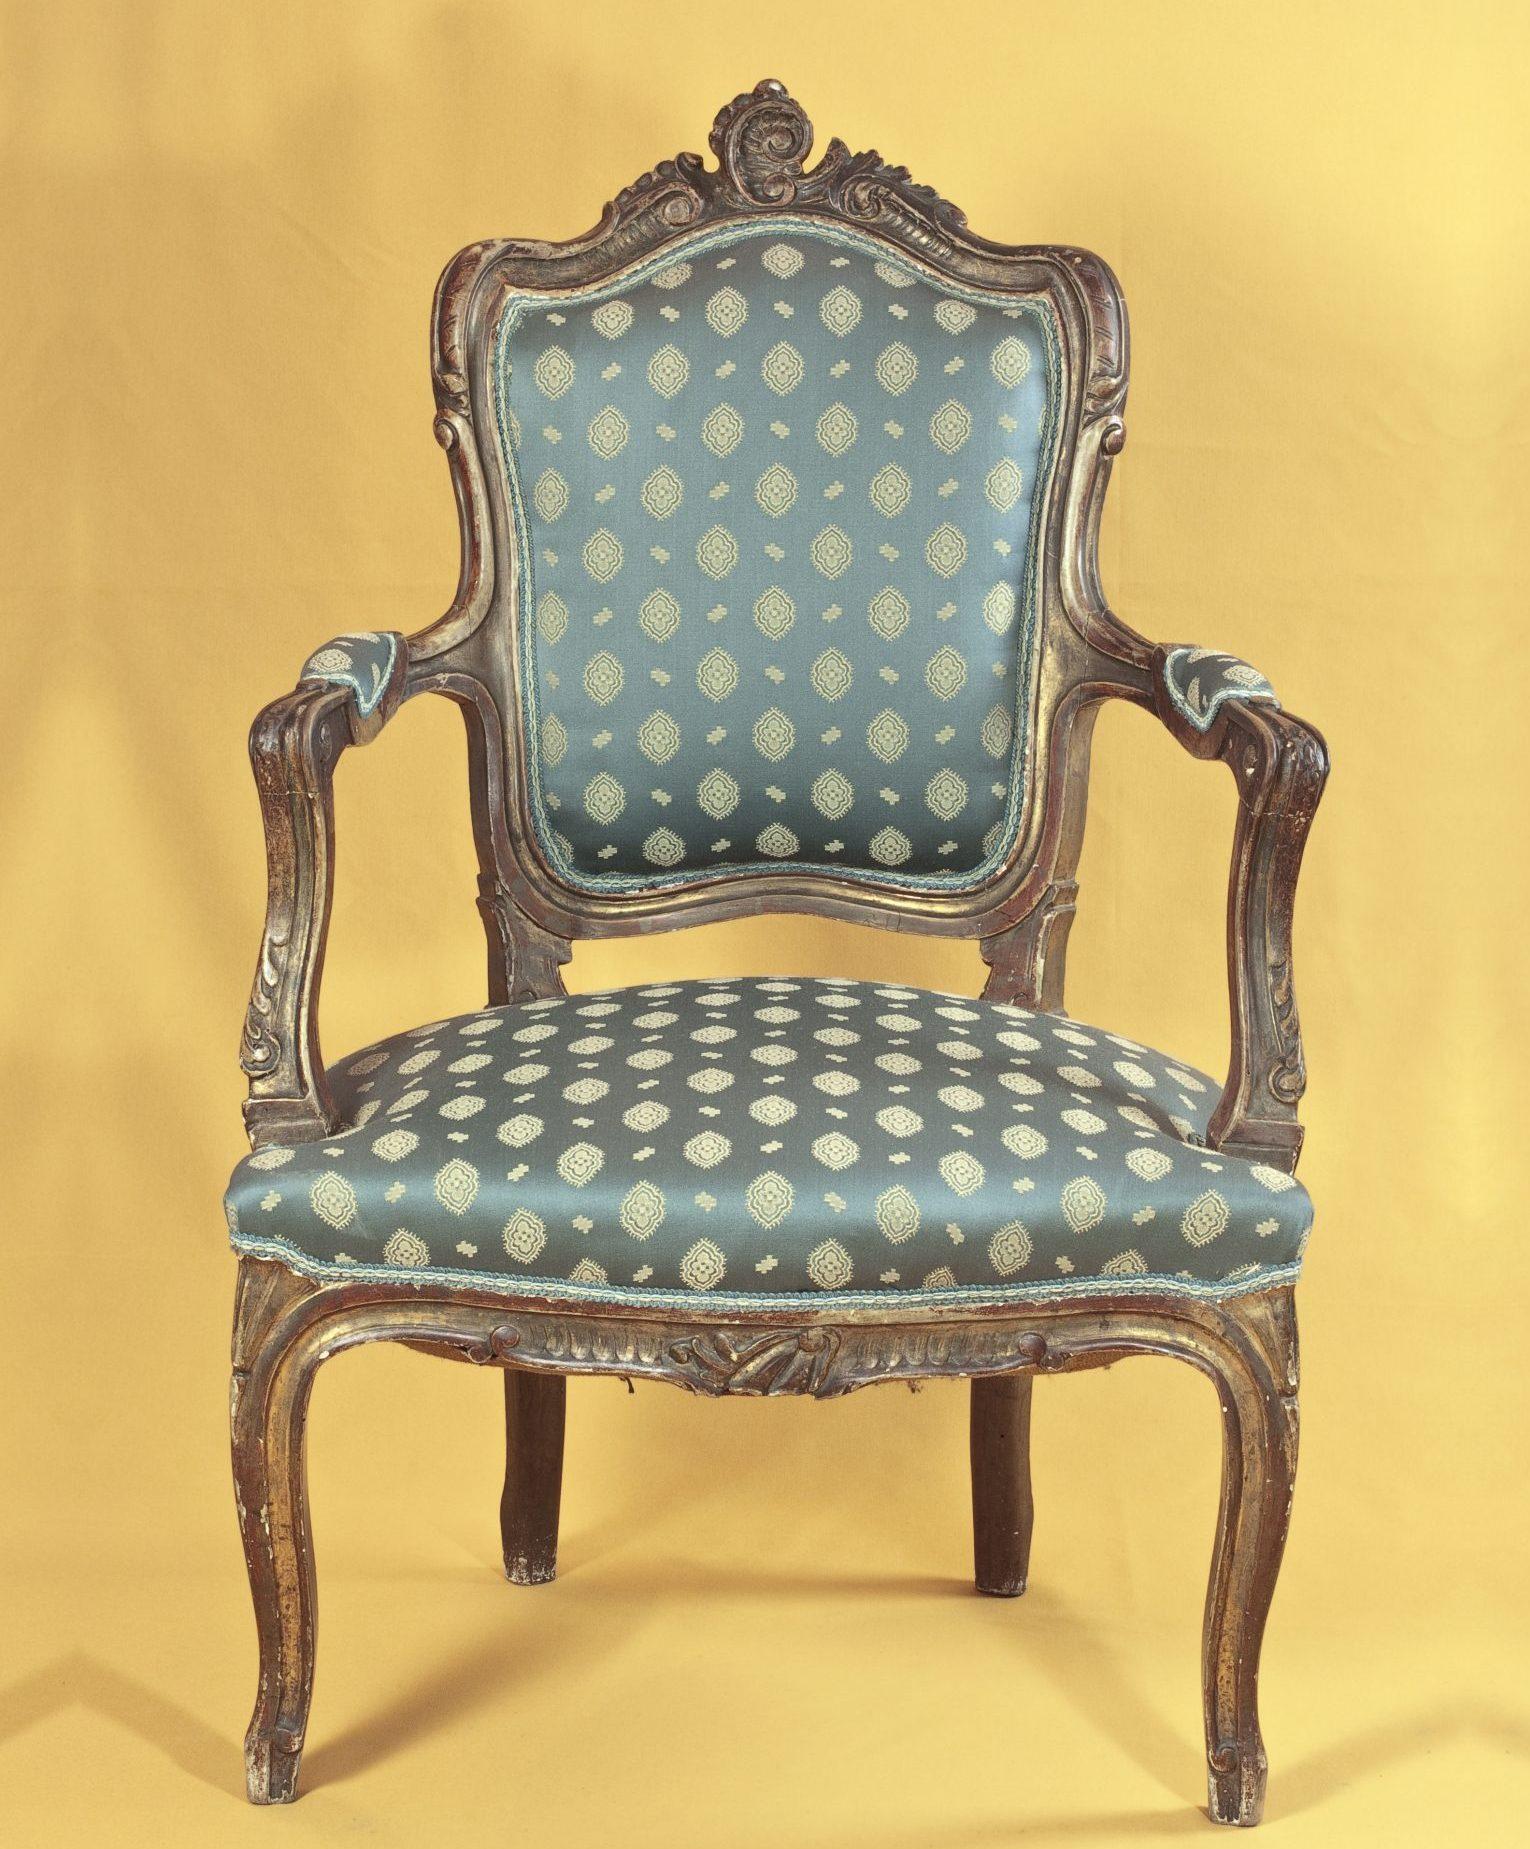 Le fauteuil Louis XIV